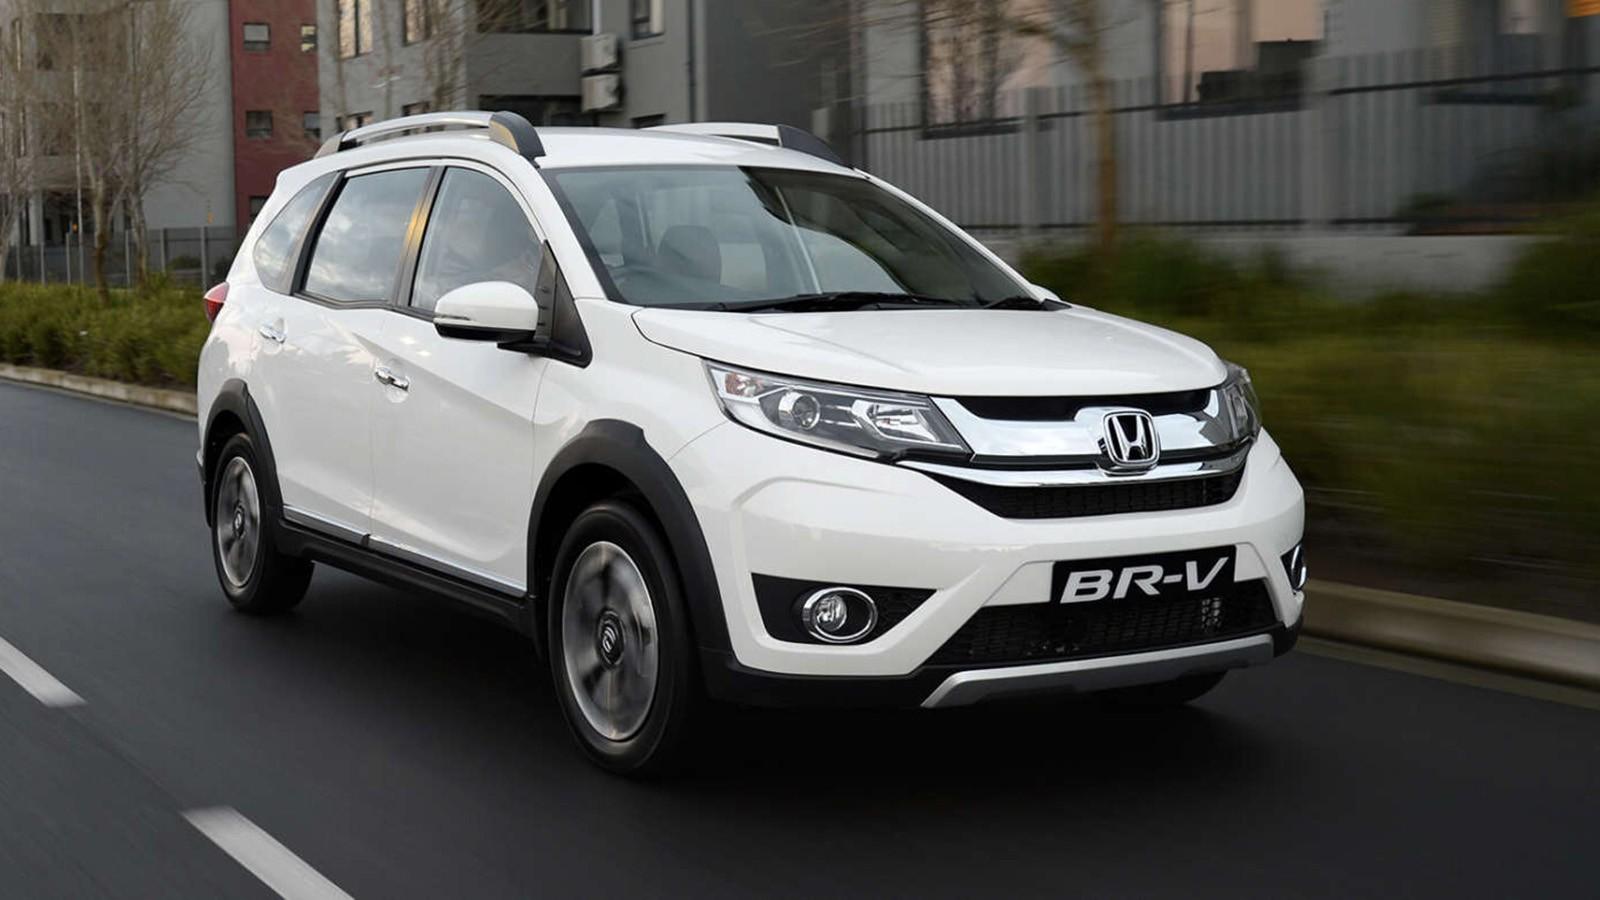 Honda BR-V sắp về Việt Nam có gì đặc biệt?